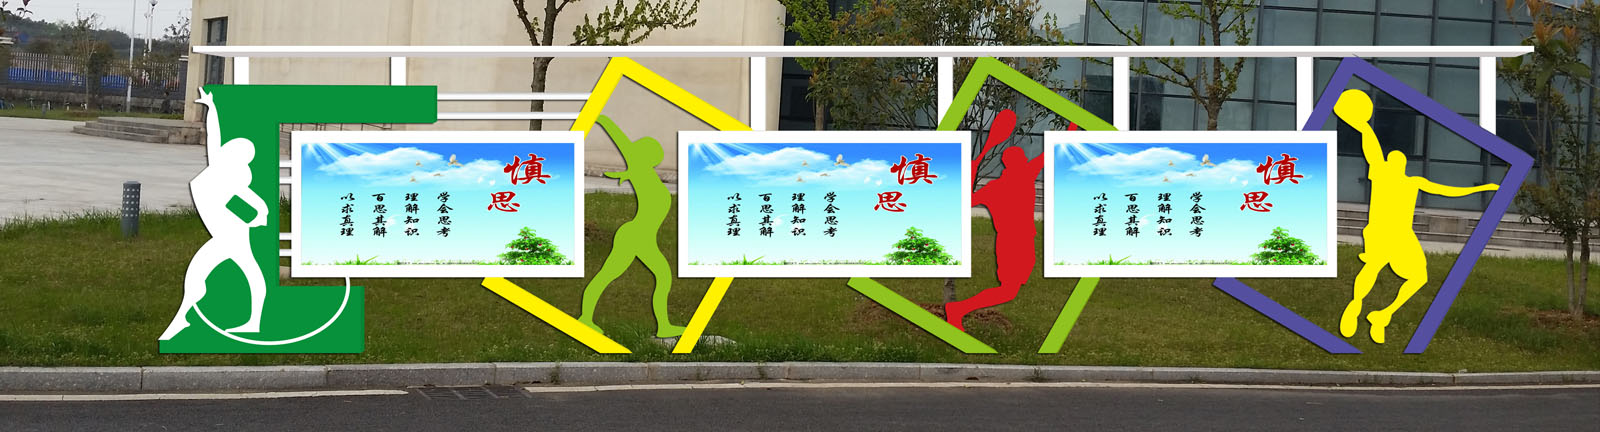 陕西公交候车亭